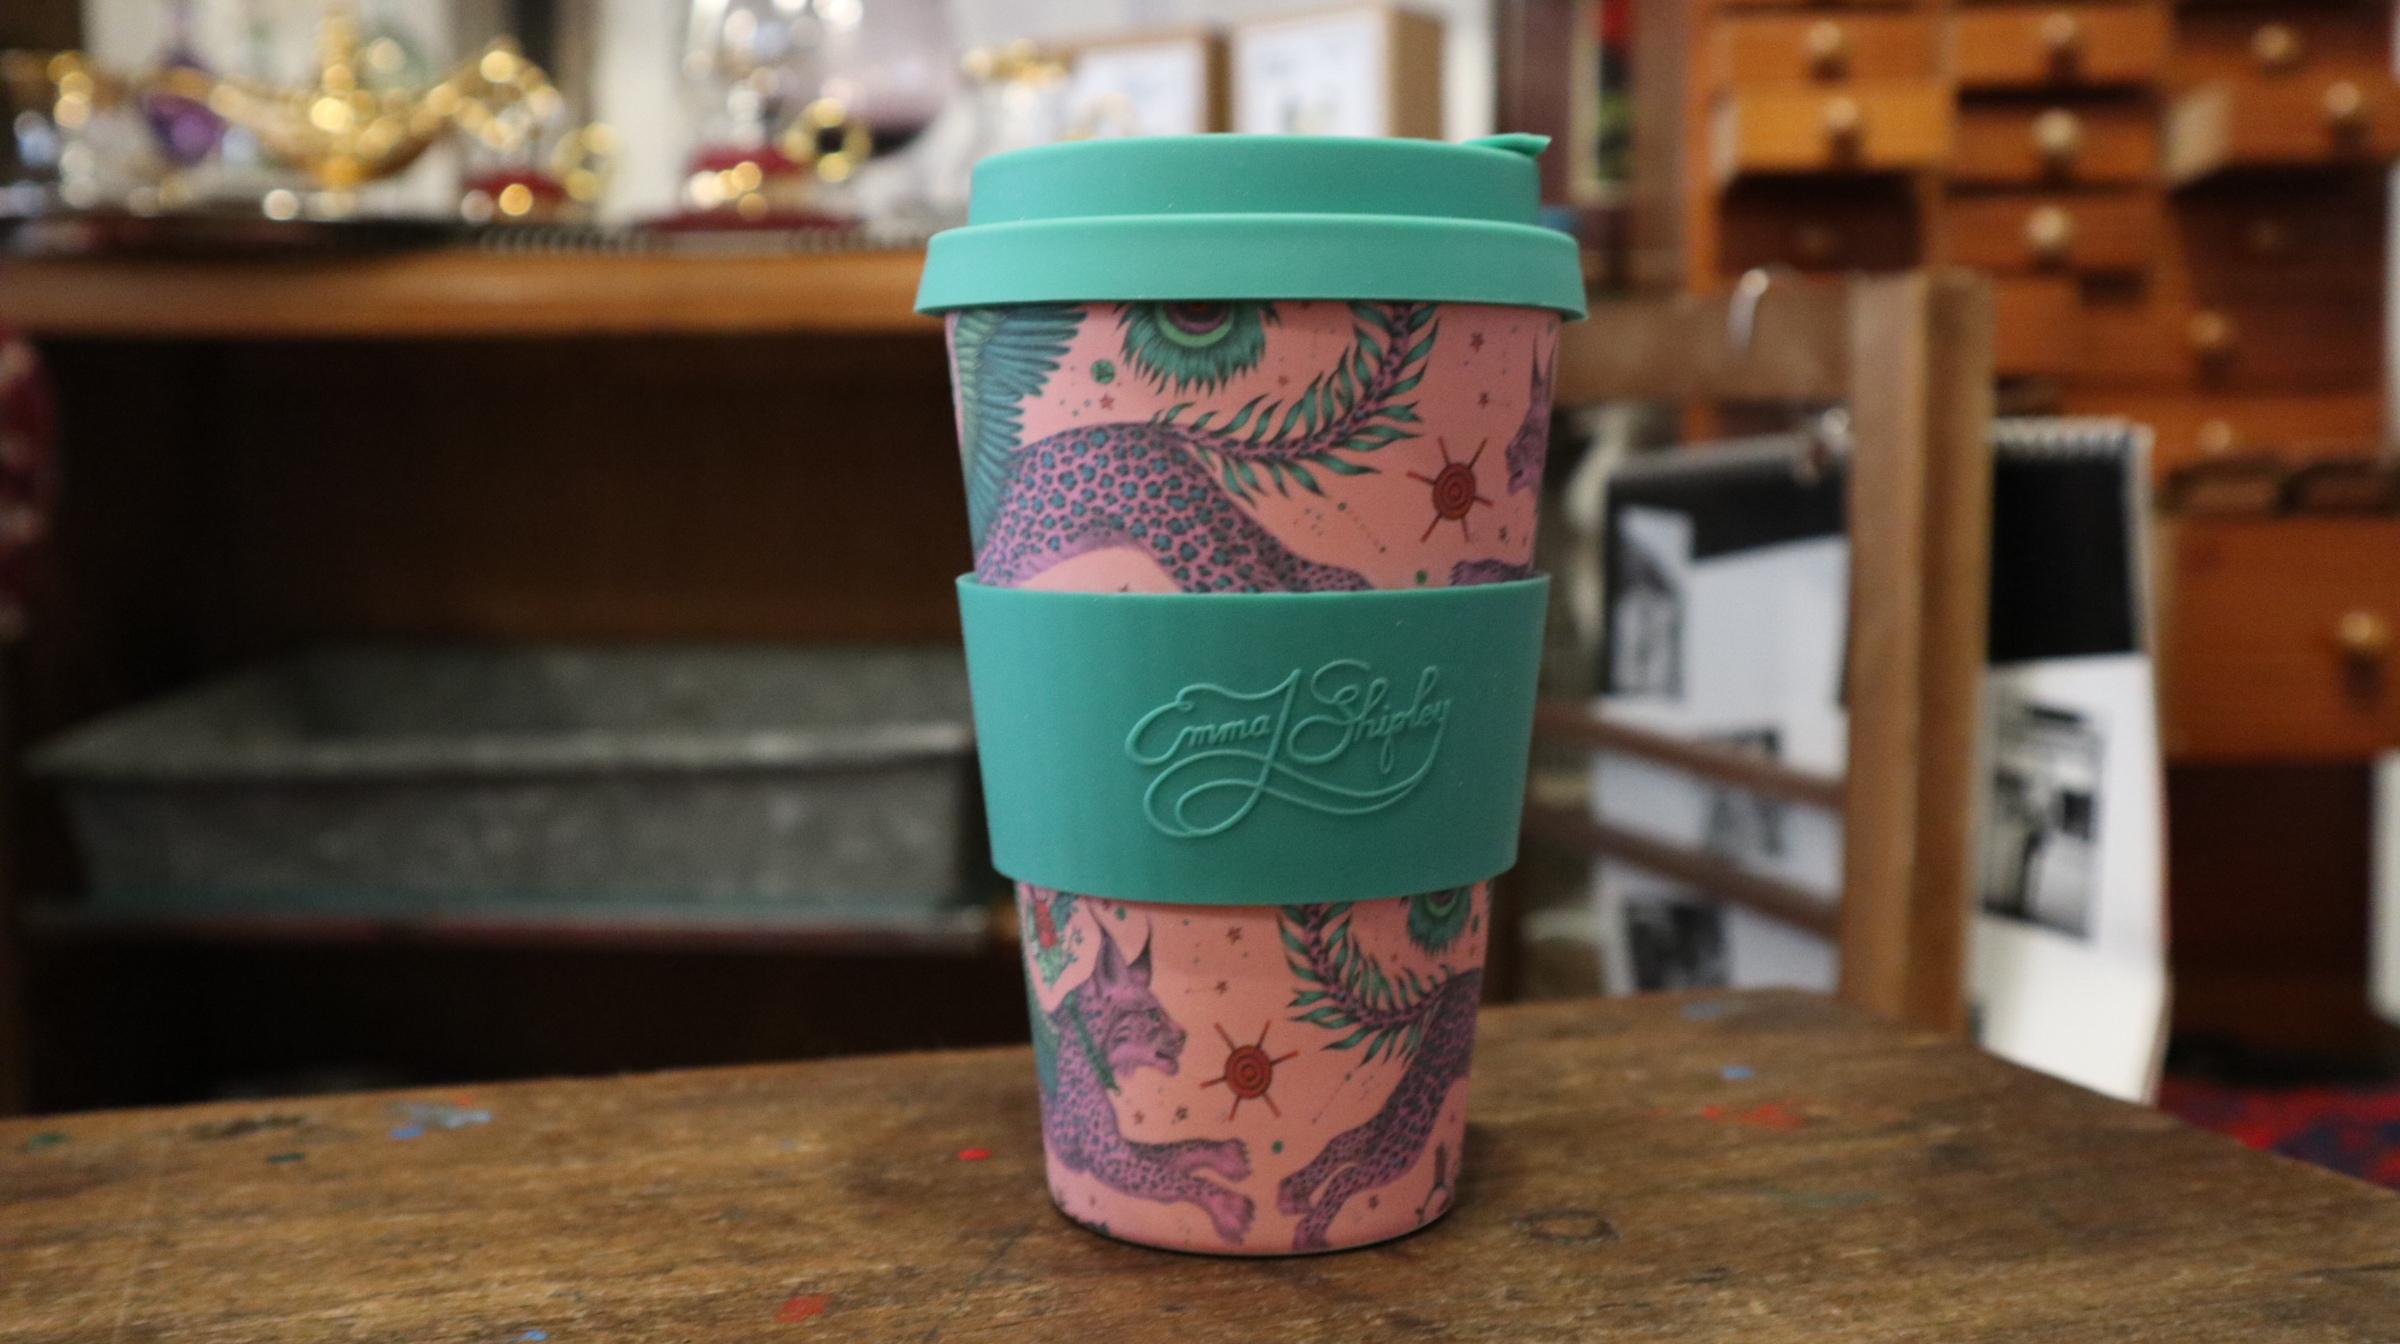 Emma.J.Shipley Ecoffee Cup : LYNX 400ml